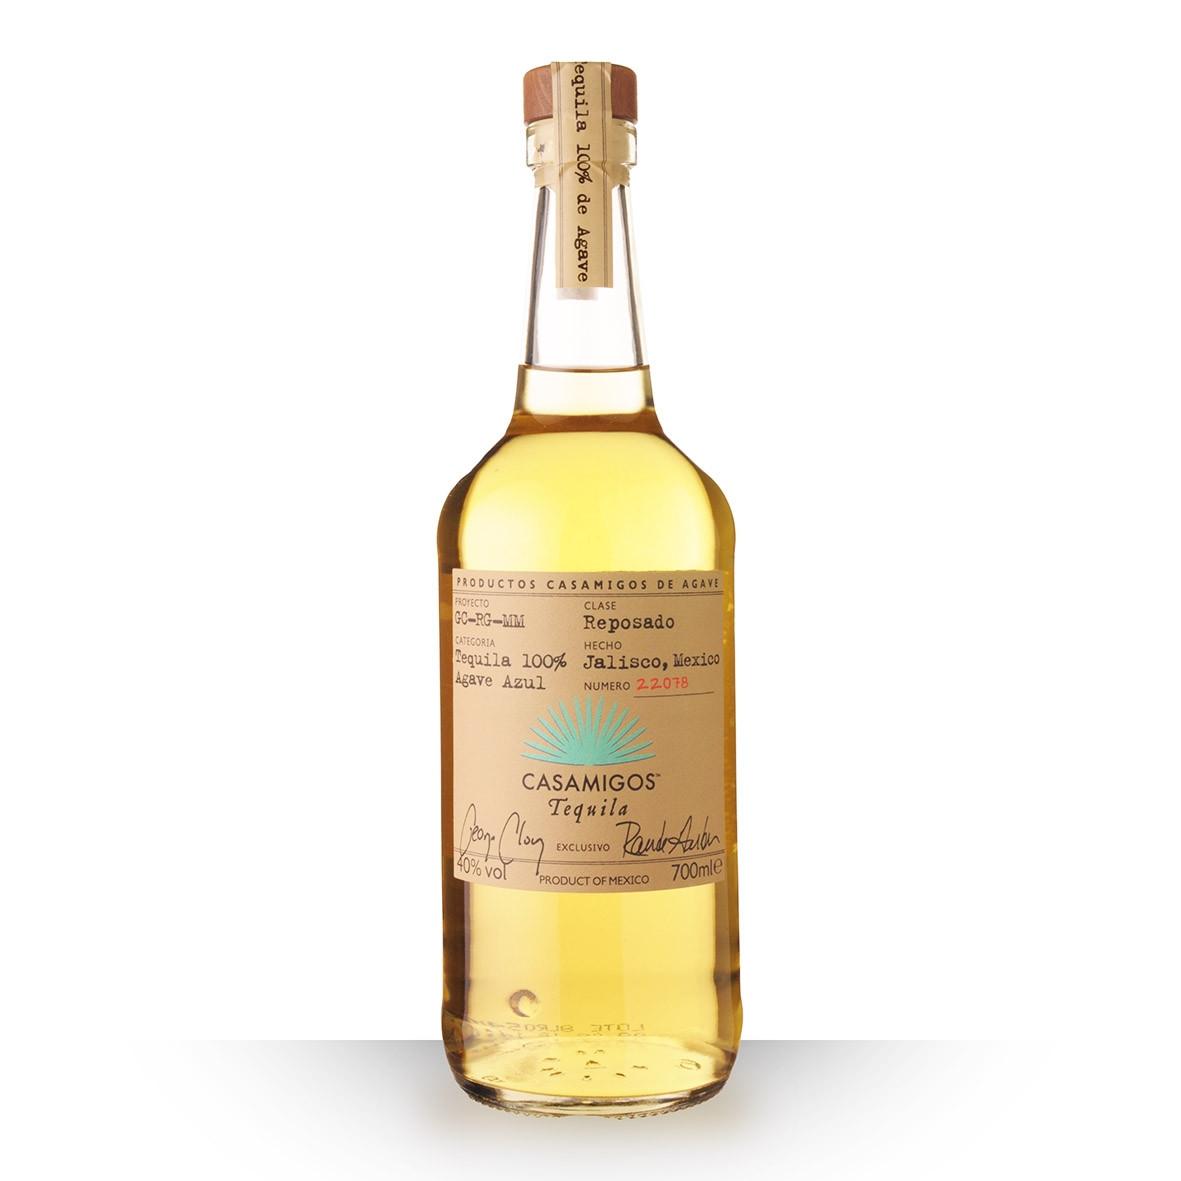 Tequila Casamigos Reposado 70cl www.odyssee-vins.com